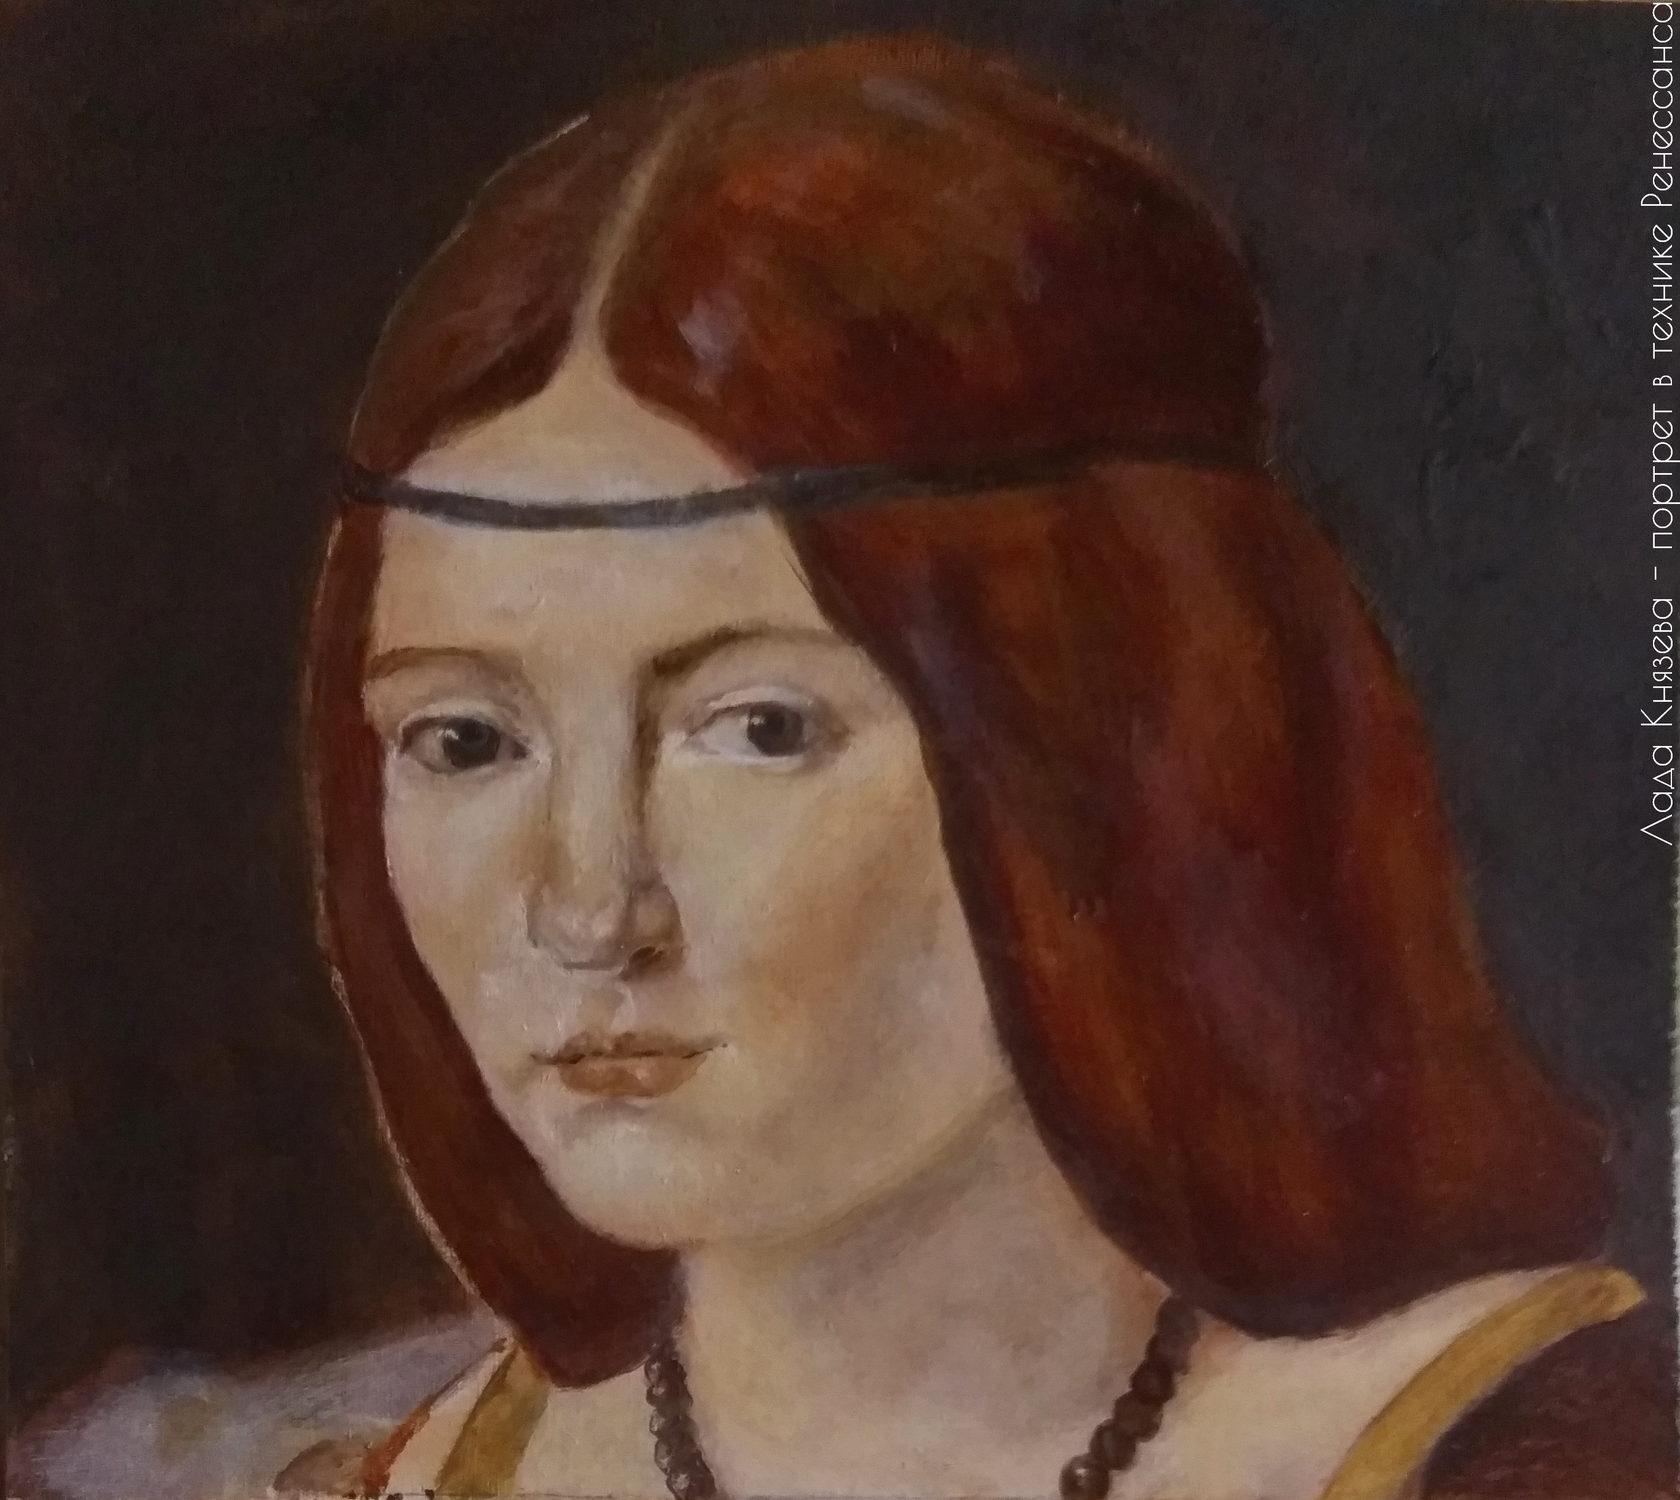 Victoria Paradice